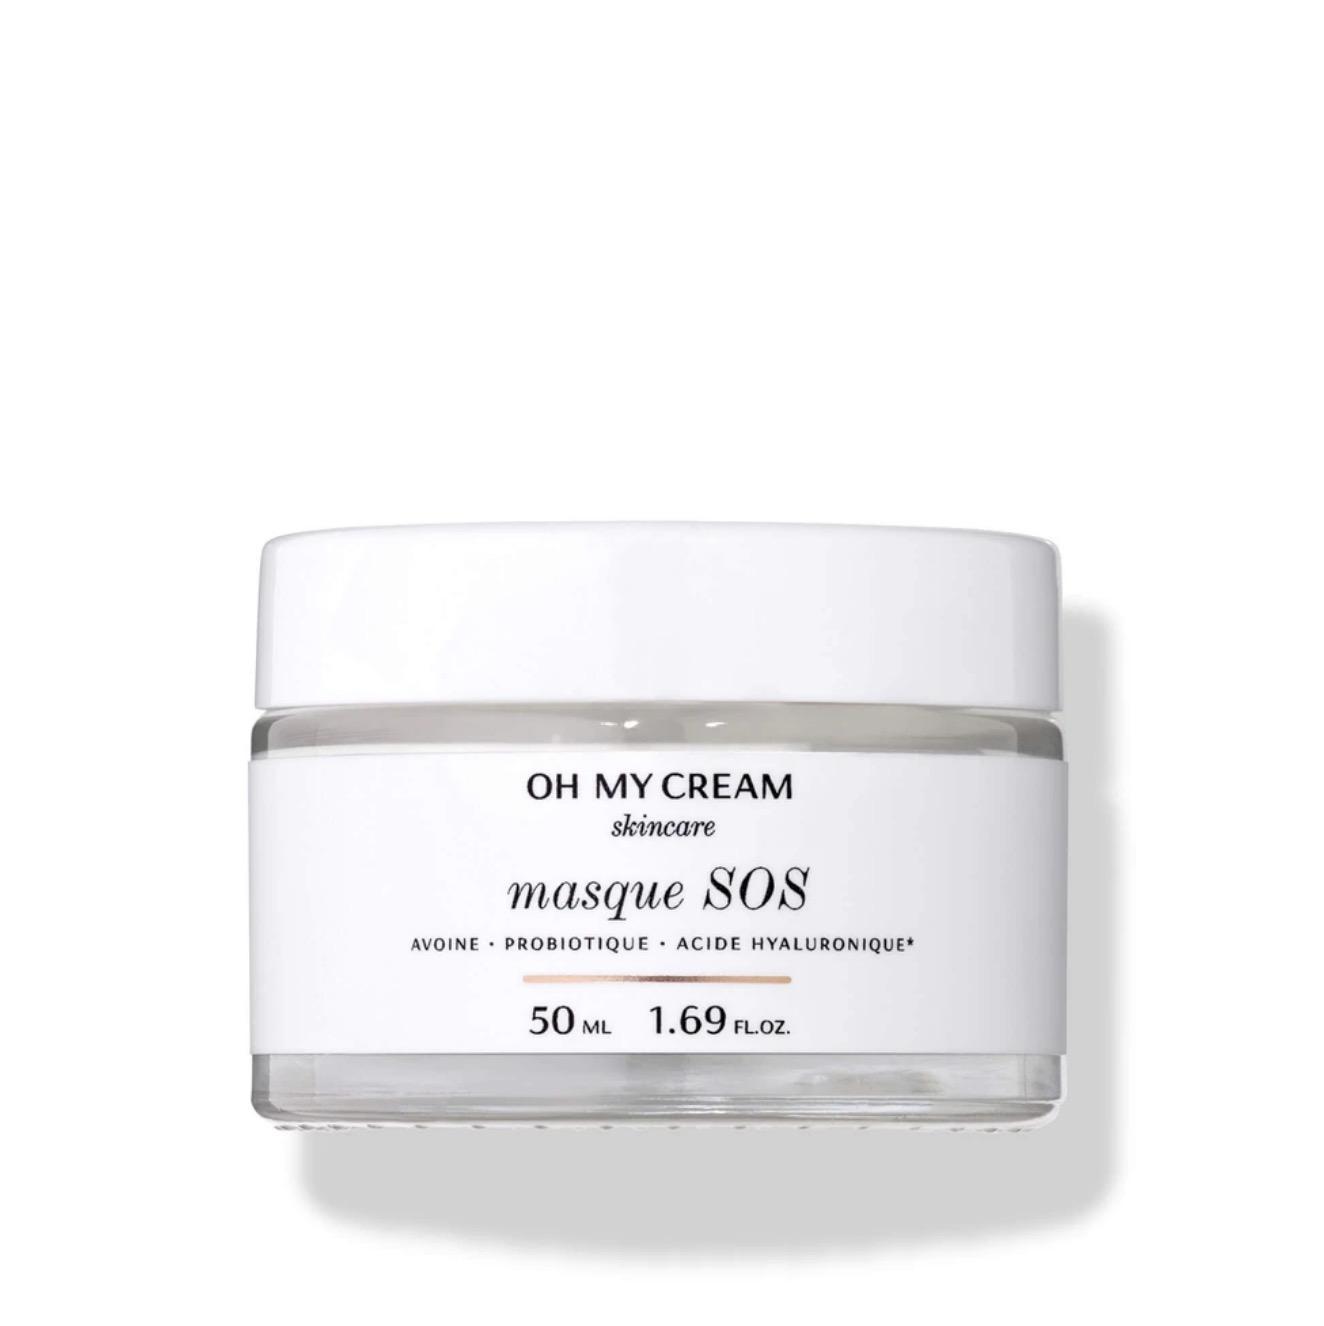 Le masque SOS de Oh My Cream